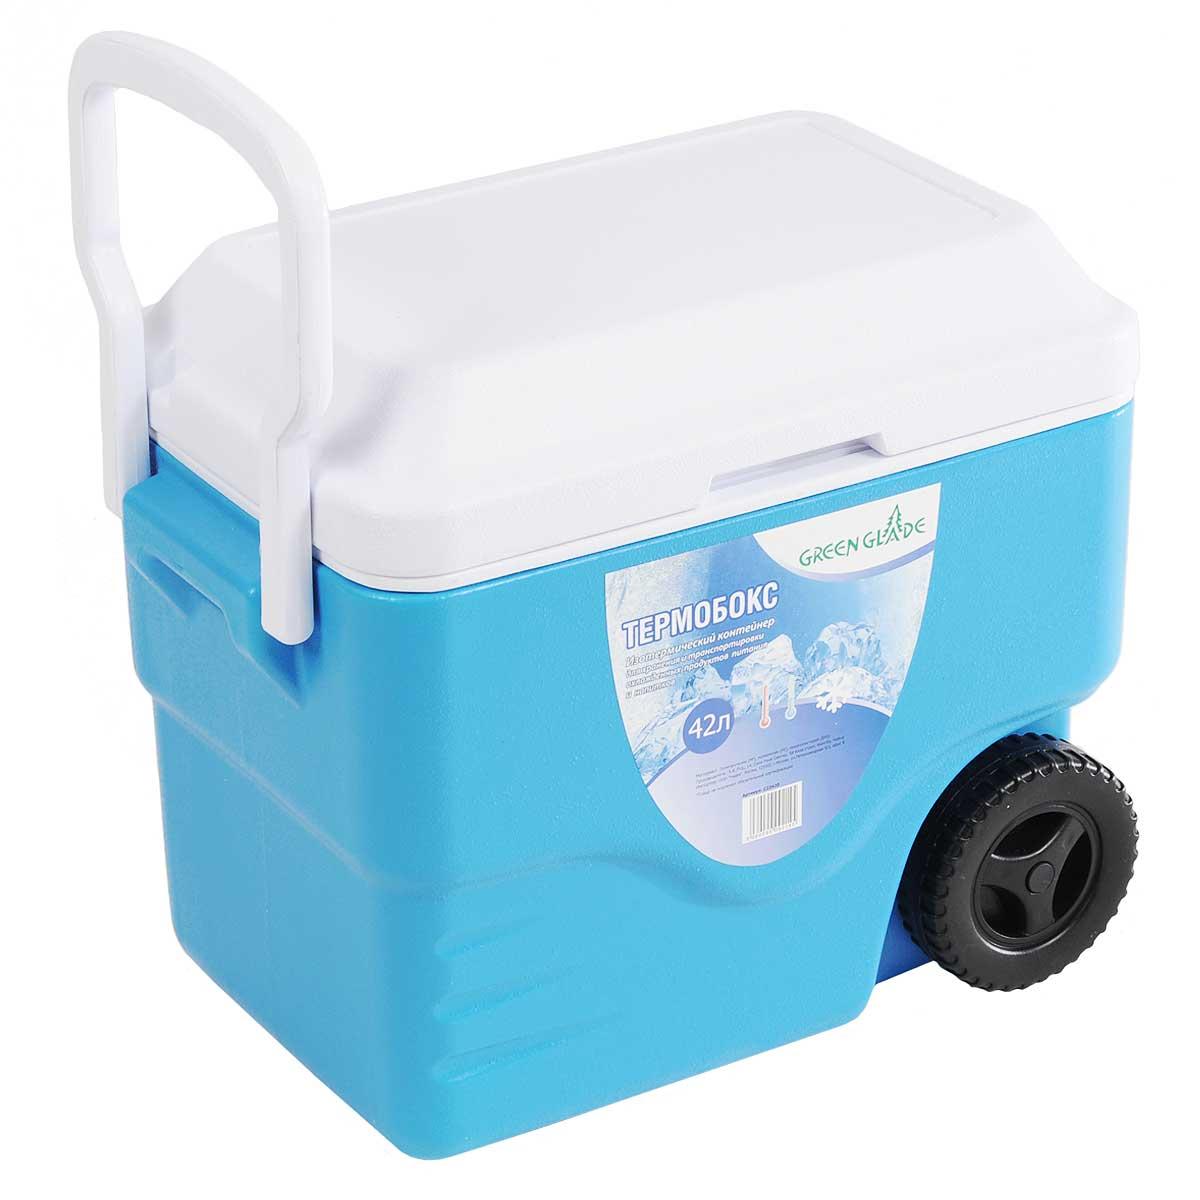 Контейнер изотермический Green Glade, на колесиках, цвет: голубой, 42 лС22420Удобный и прочный изотермический контейнер Green Glade предназначен для сохранения определенной температуры продуктов во время длительных поездок. Корпус и крышка контейнера изготовлены из высококачественного пластика. Между двойными стенками находится термоизоляционный слой, который обеспечивает сохранение температуры. У контейнера одно большое вместительное отделение. Крышка закрывается плотно. У контейнера имеются два колеса и большая ручка для более удобной транспортировки. При использовании аккумулятора холода контейнер обеспечивает сохранение продуктов холодными до 12 часов. Контейнер идеально подходит для отдыха на природе, пикников, туристических походов и путешествий. Контейнеры Green Glade можно использовать не только для сохранения холодных продуктов, но и для транспортировки горячих блюд. В этом случае аккумуляторы нагреваются в горячей воде (температура около 80°С) и превращаются в аккумуляторы...